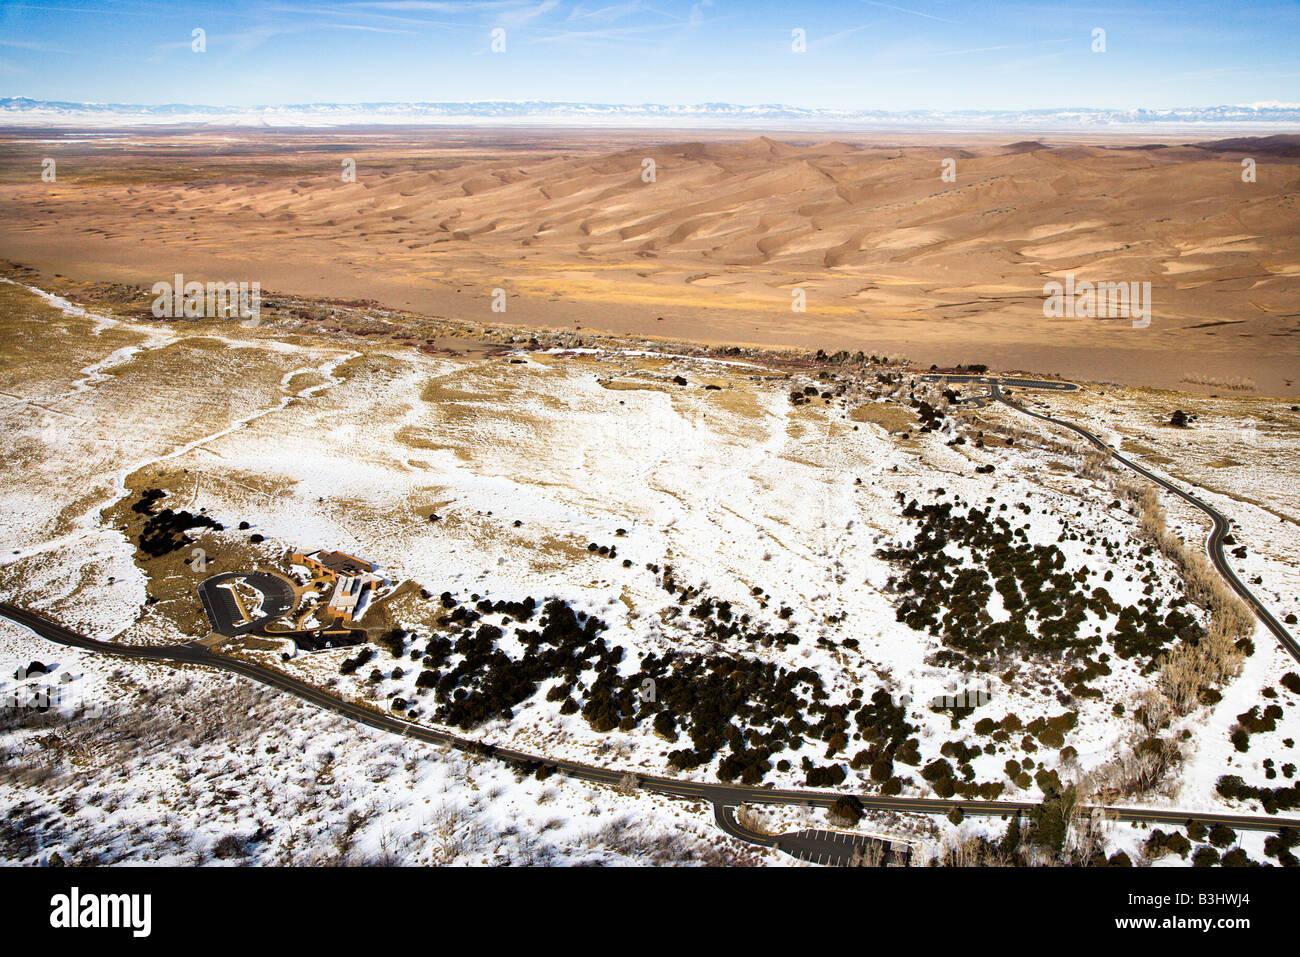 Paysage aérien de plaines enneigées et les dunes dans Great Sand Dunes National Park Colorado Photo Stock